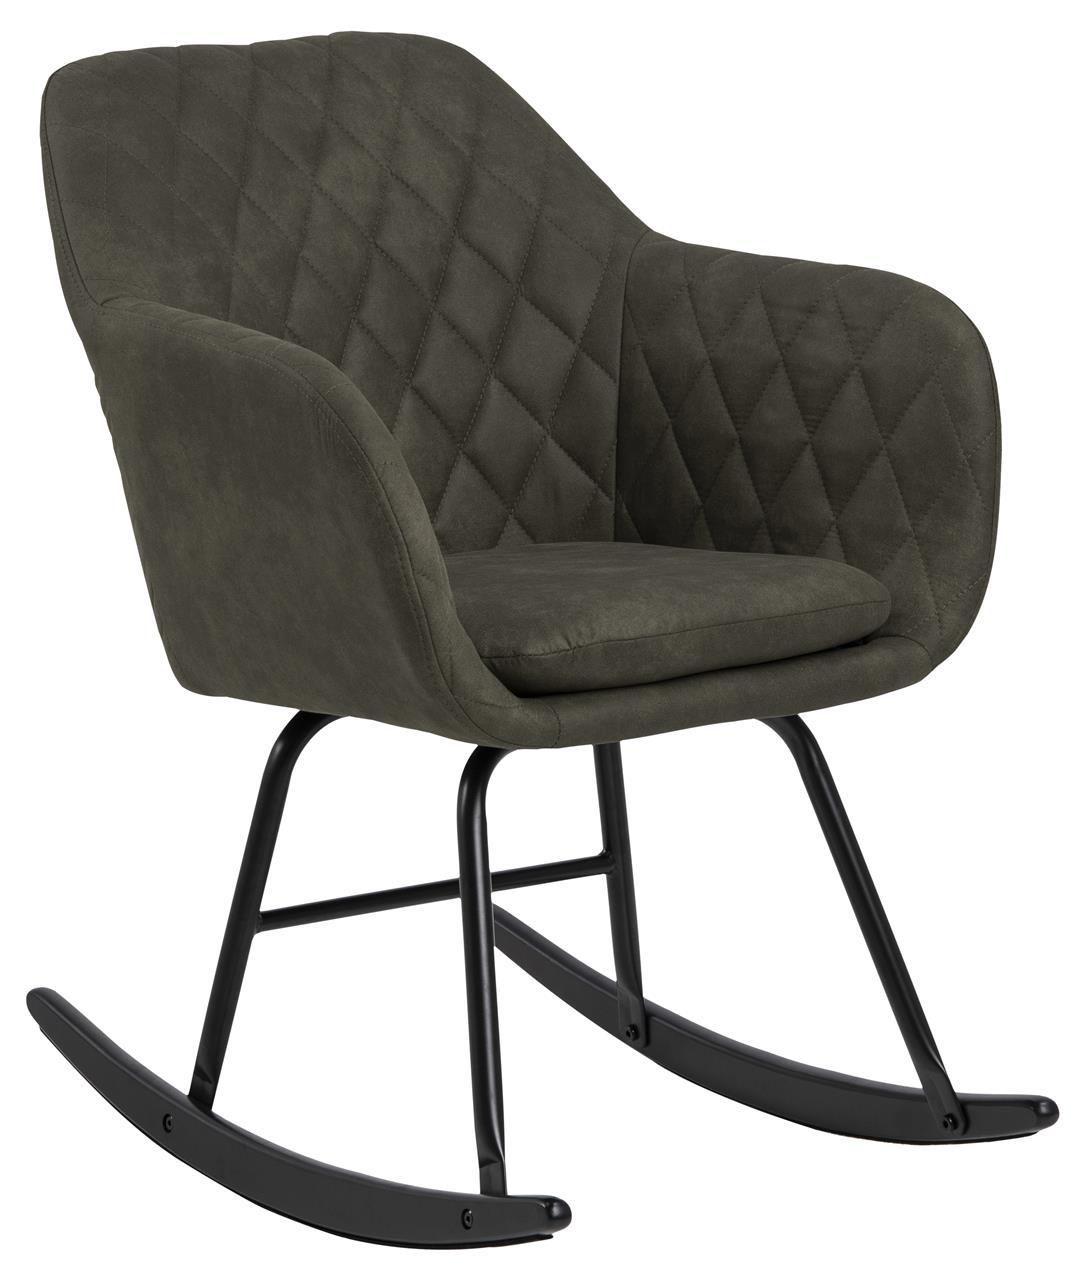 Scaun balansoar tapitat cu stofa si picioare din lemn si metal Emilia Verde Olive / Negru, l57xA71xH81 cm imagine